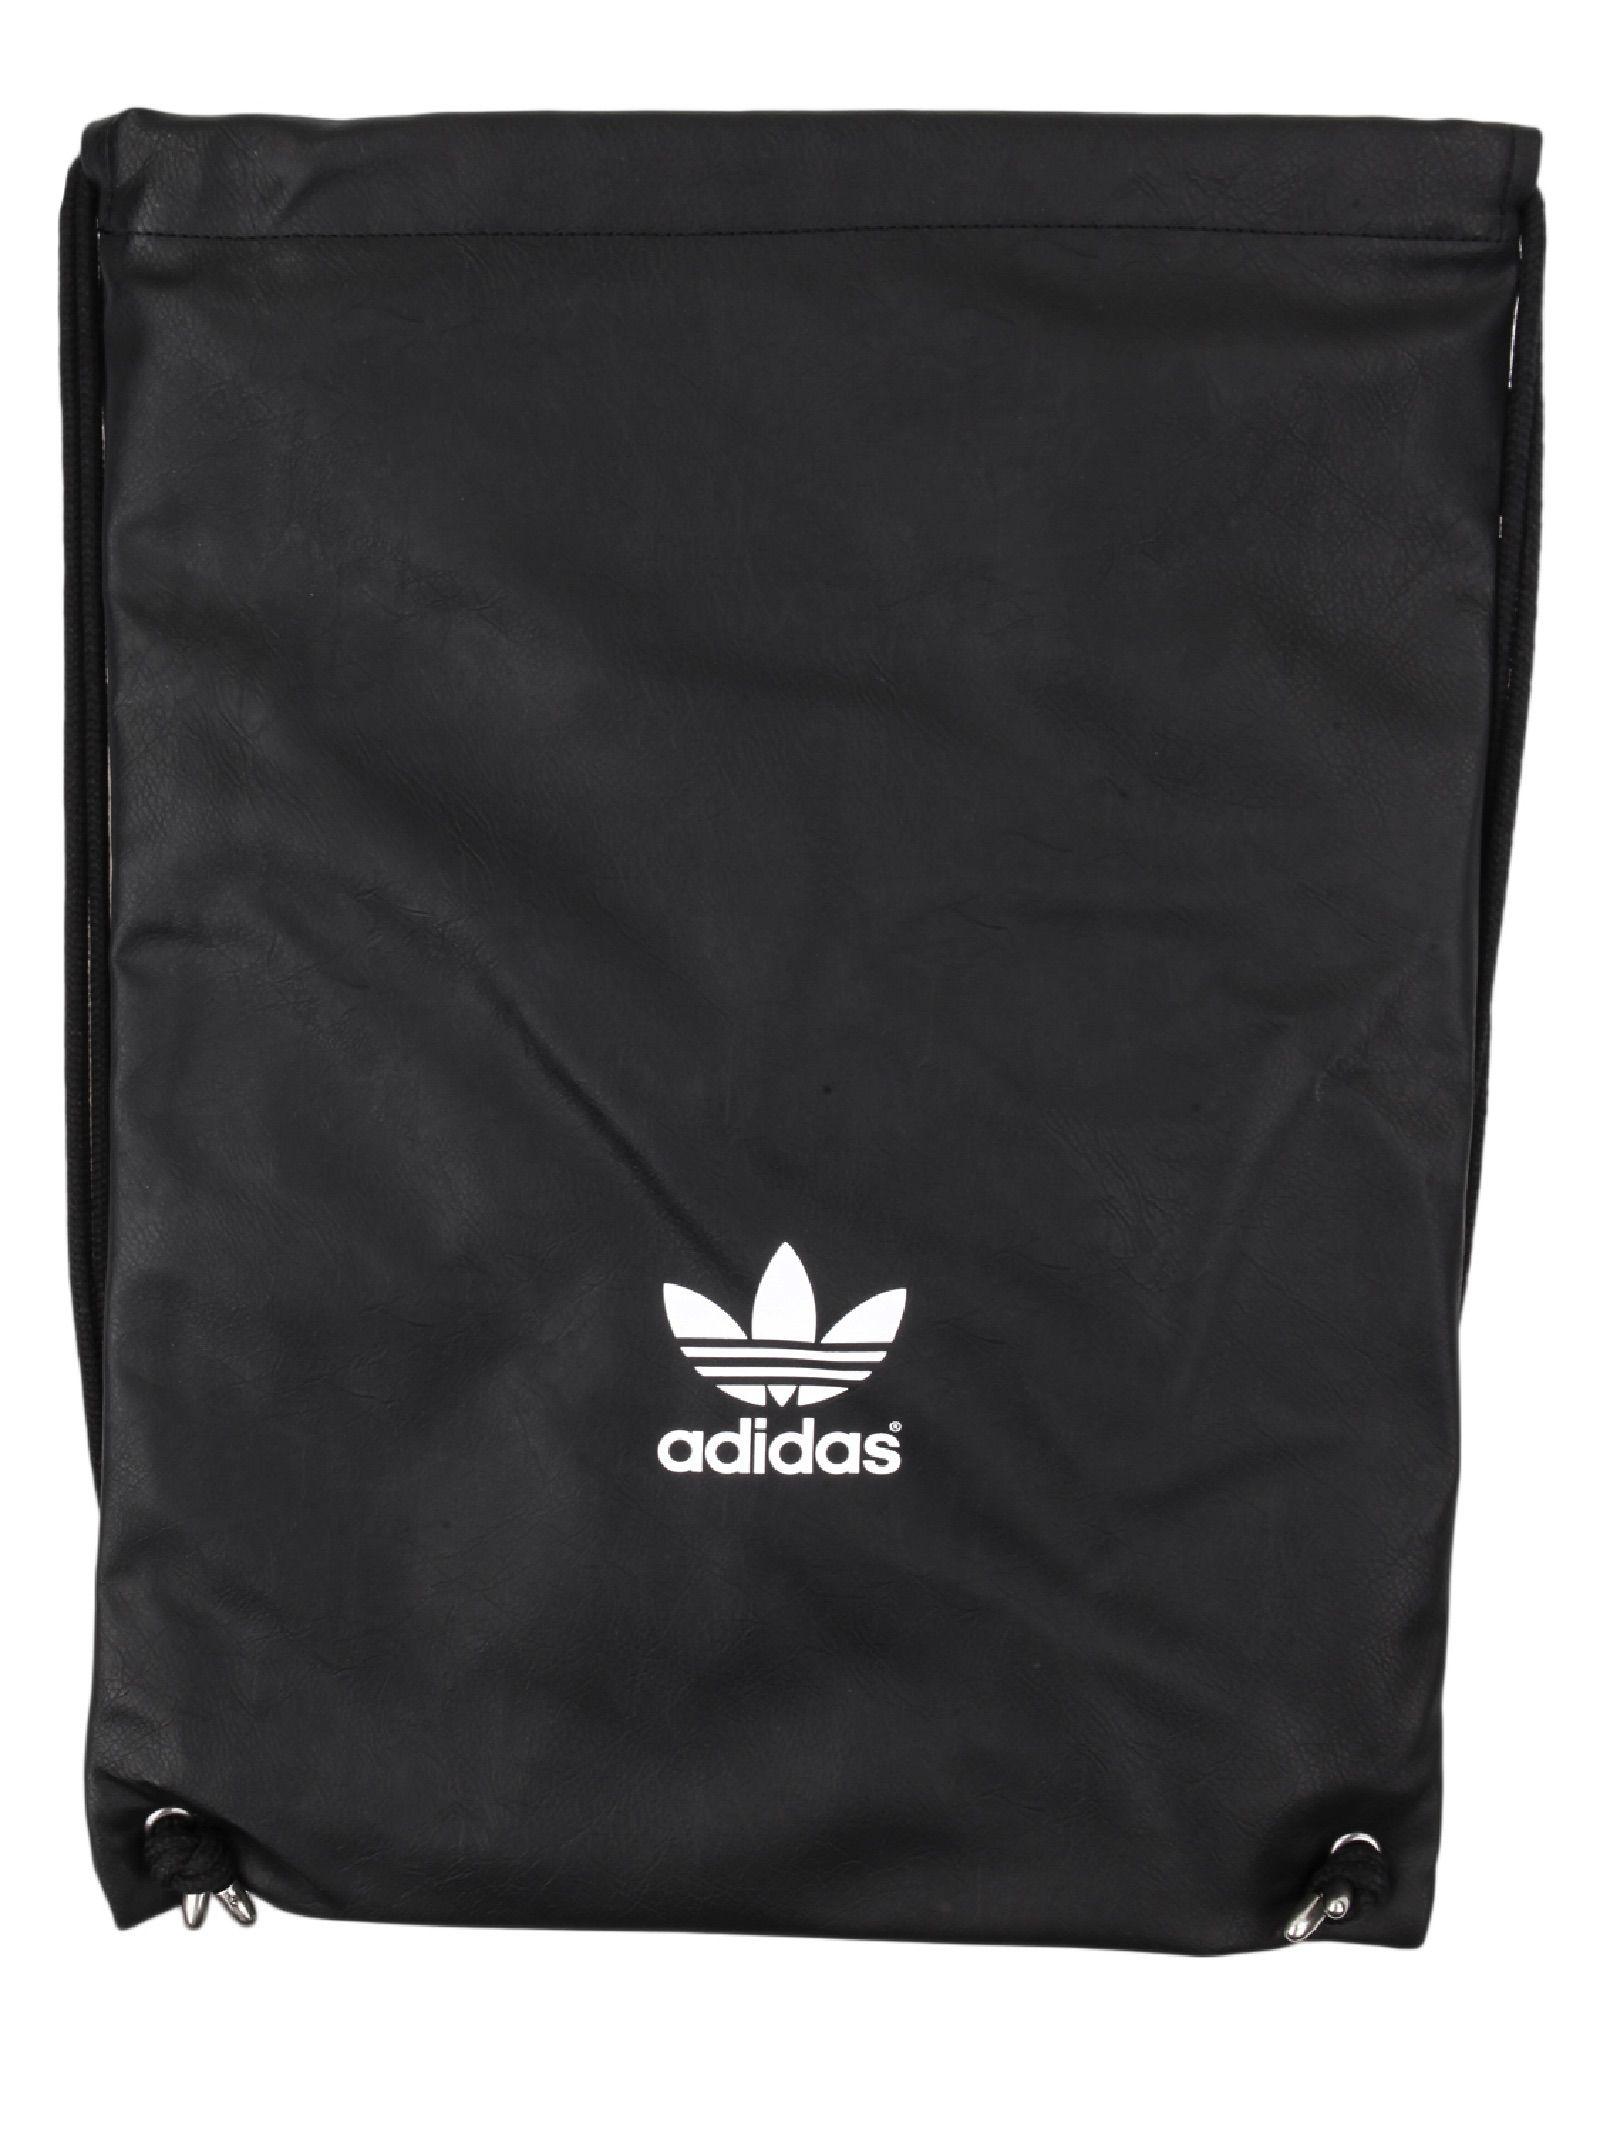 Adidas Gym Sack Backpack